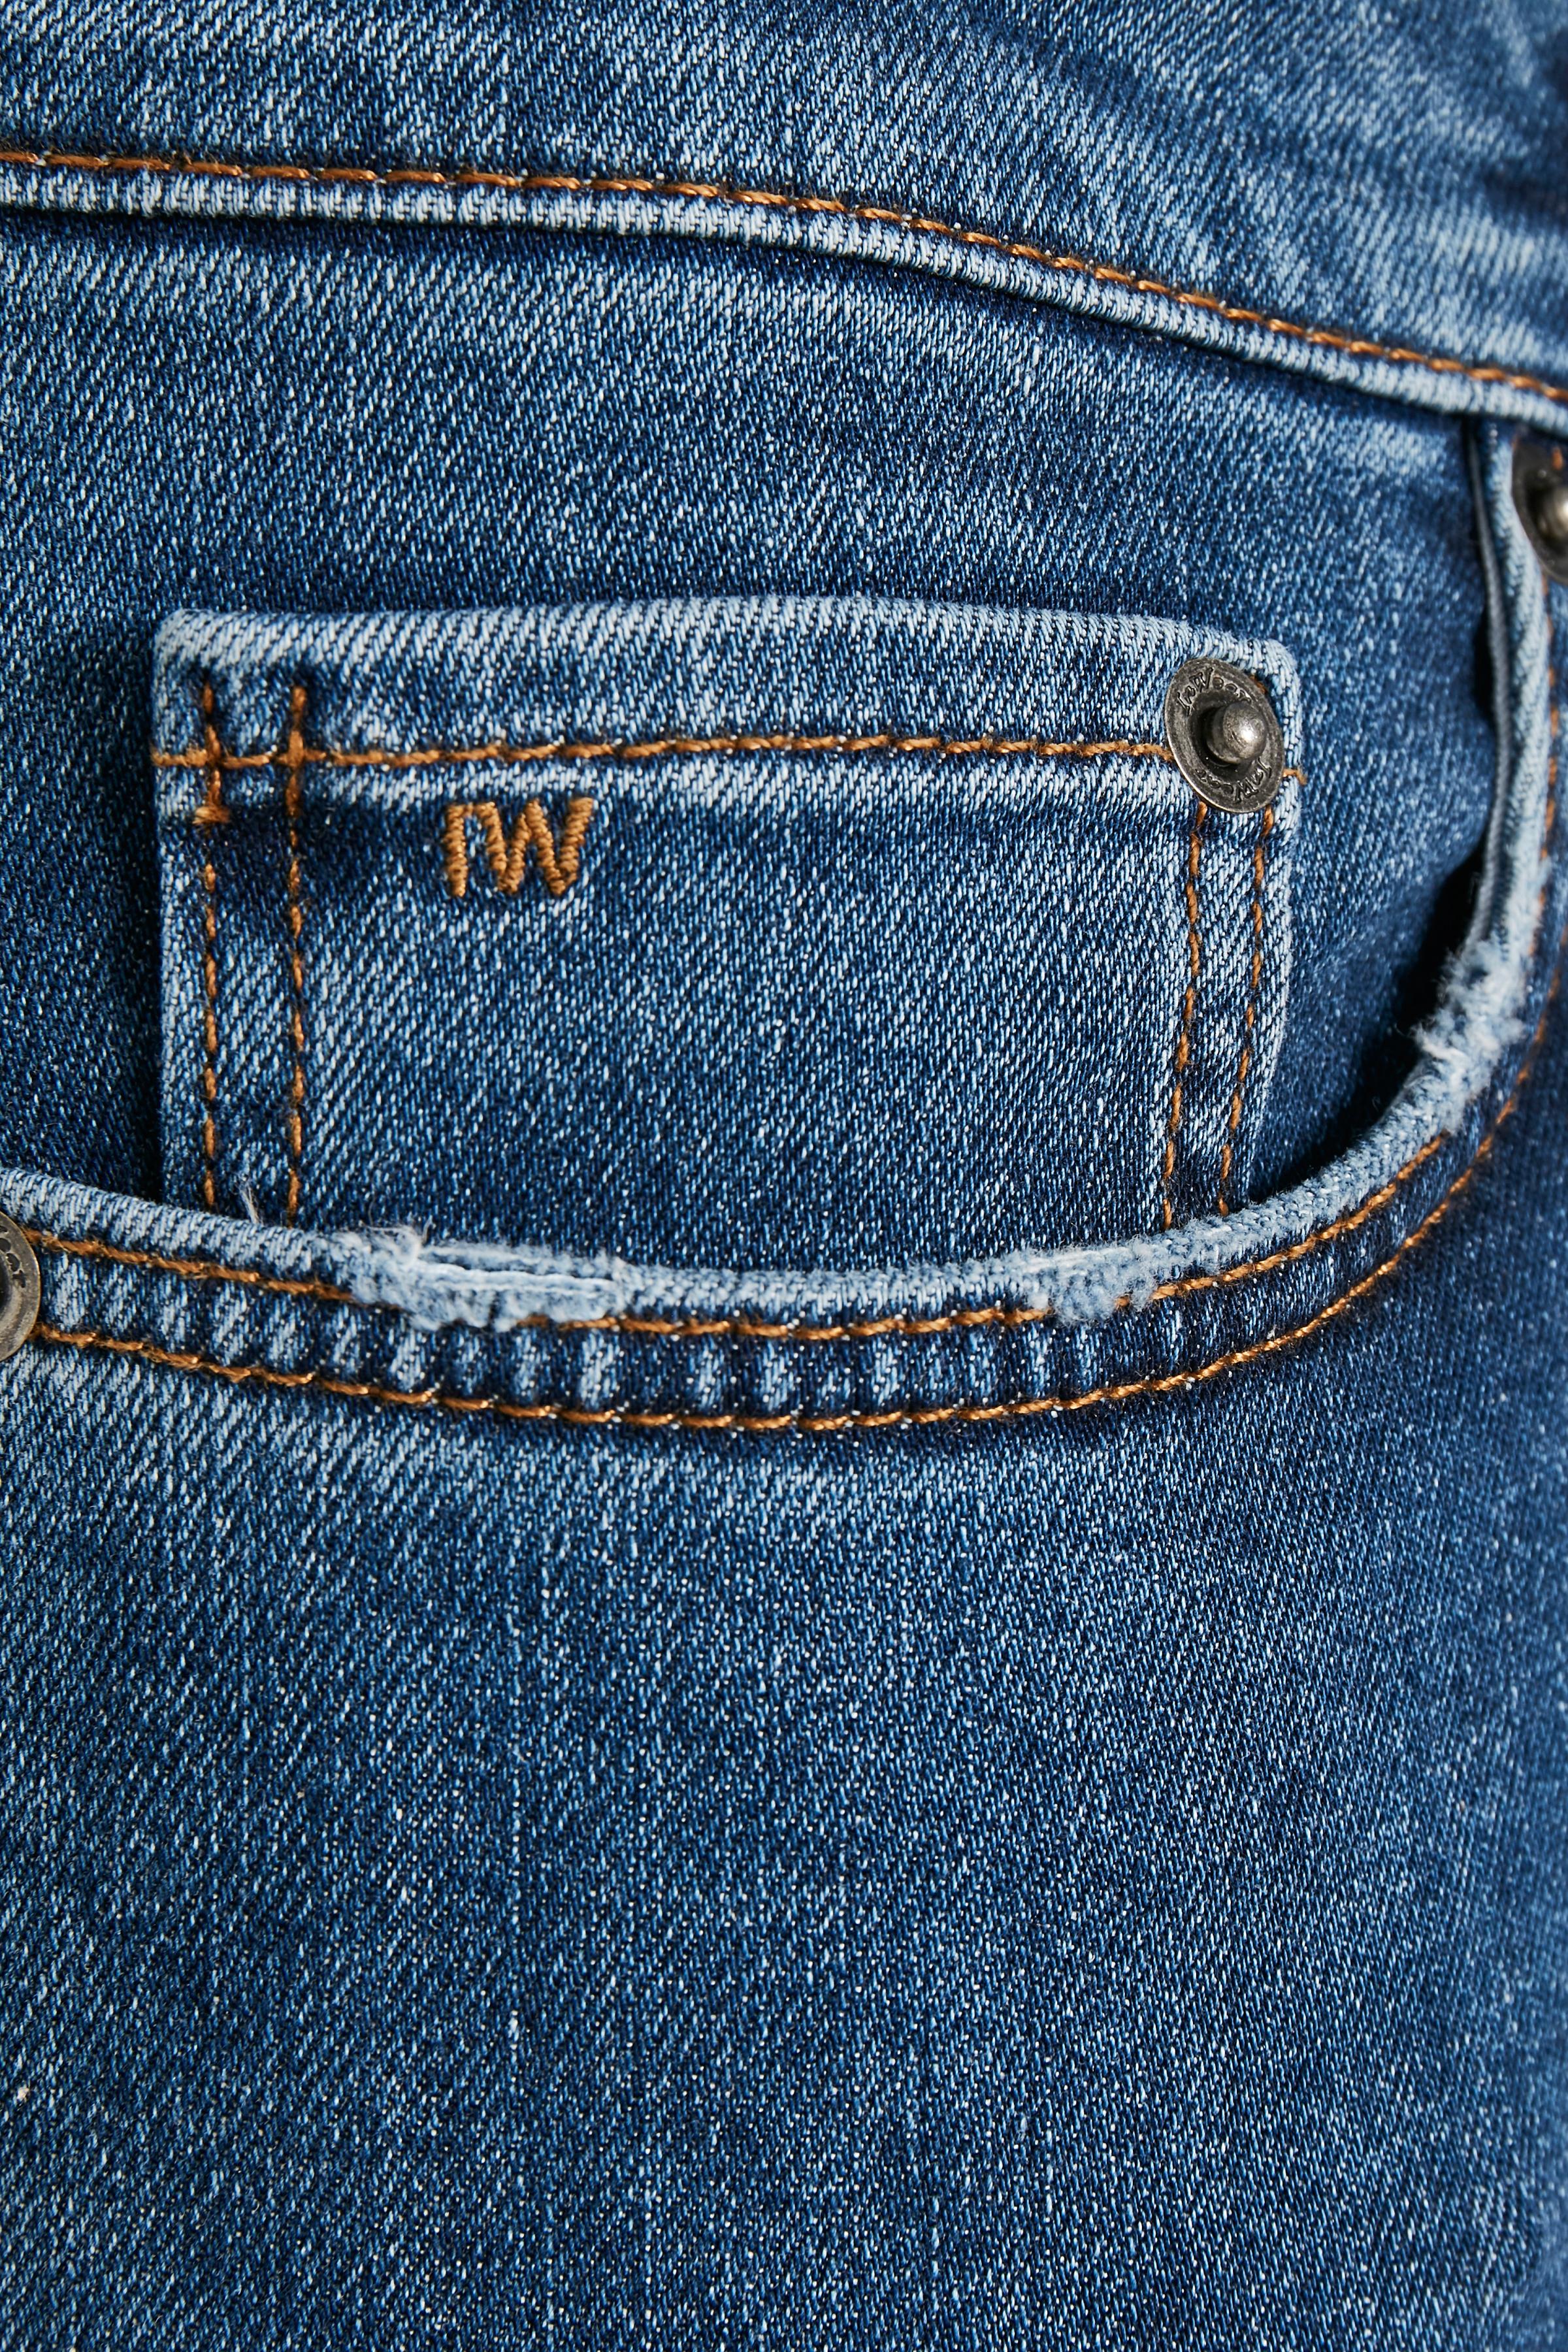 Medium Vintage Jeans – Køb Medium Vintage Jeans fra str. 25-33 her